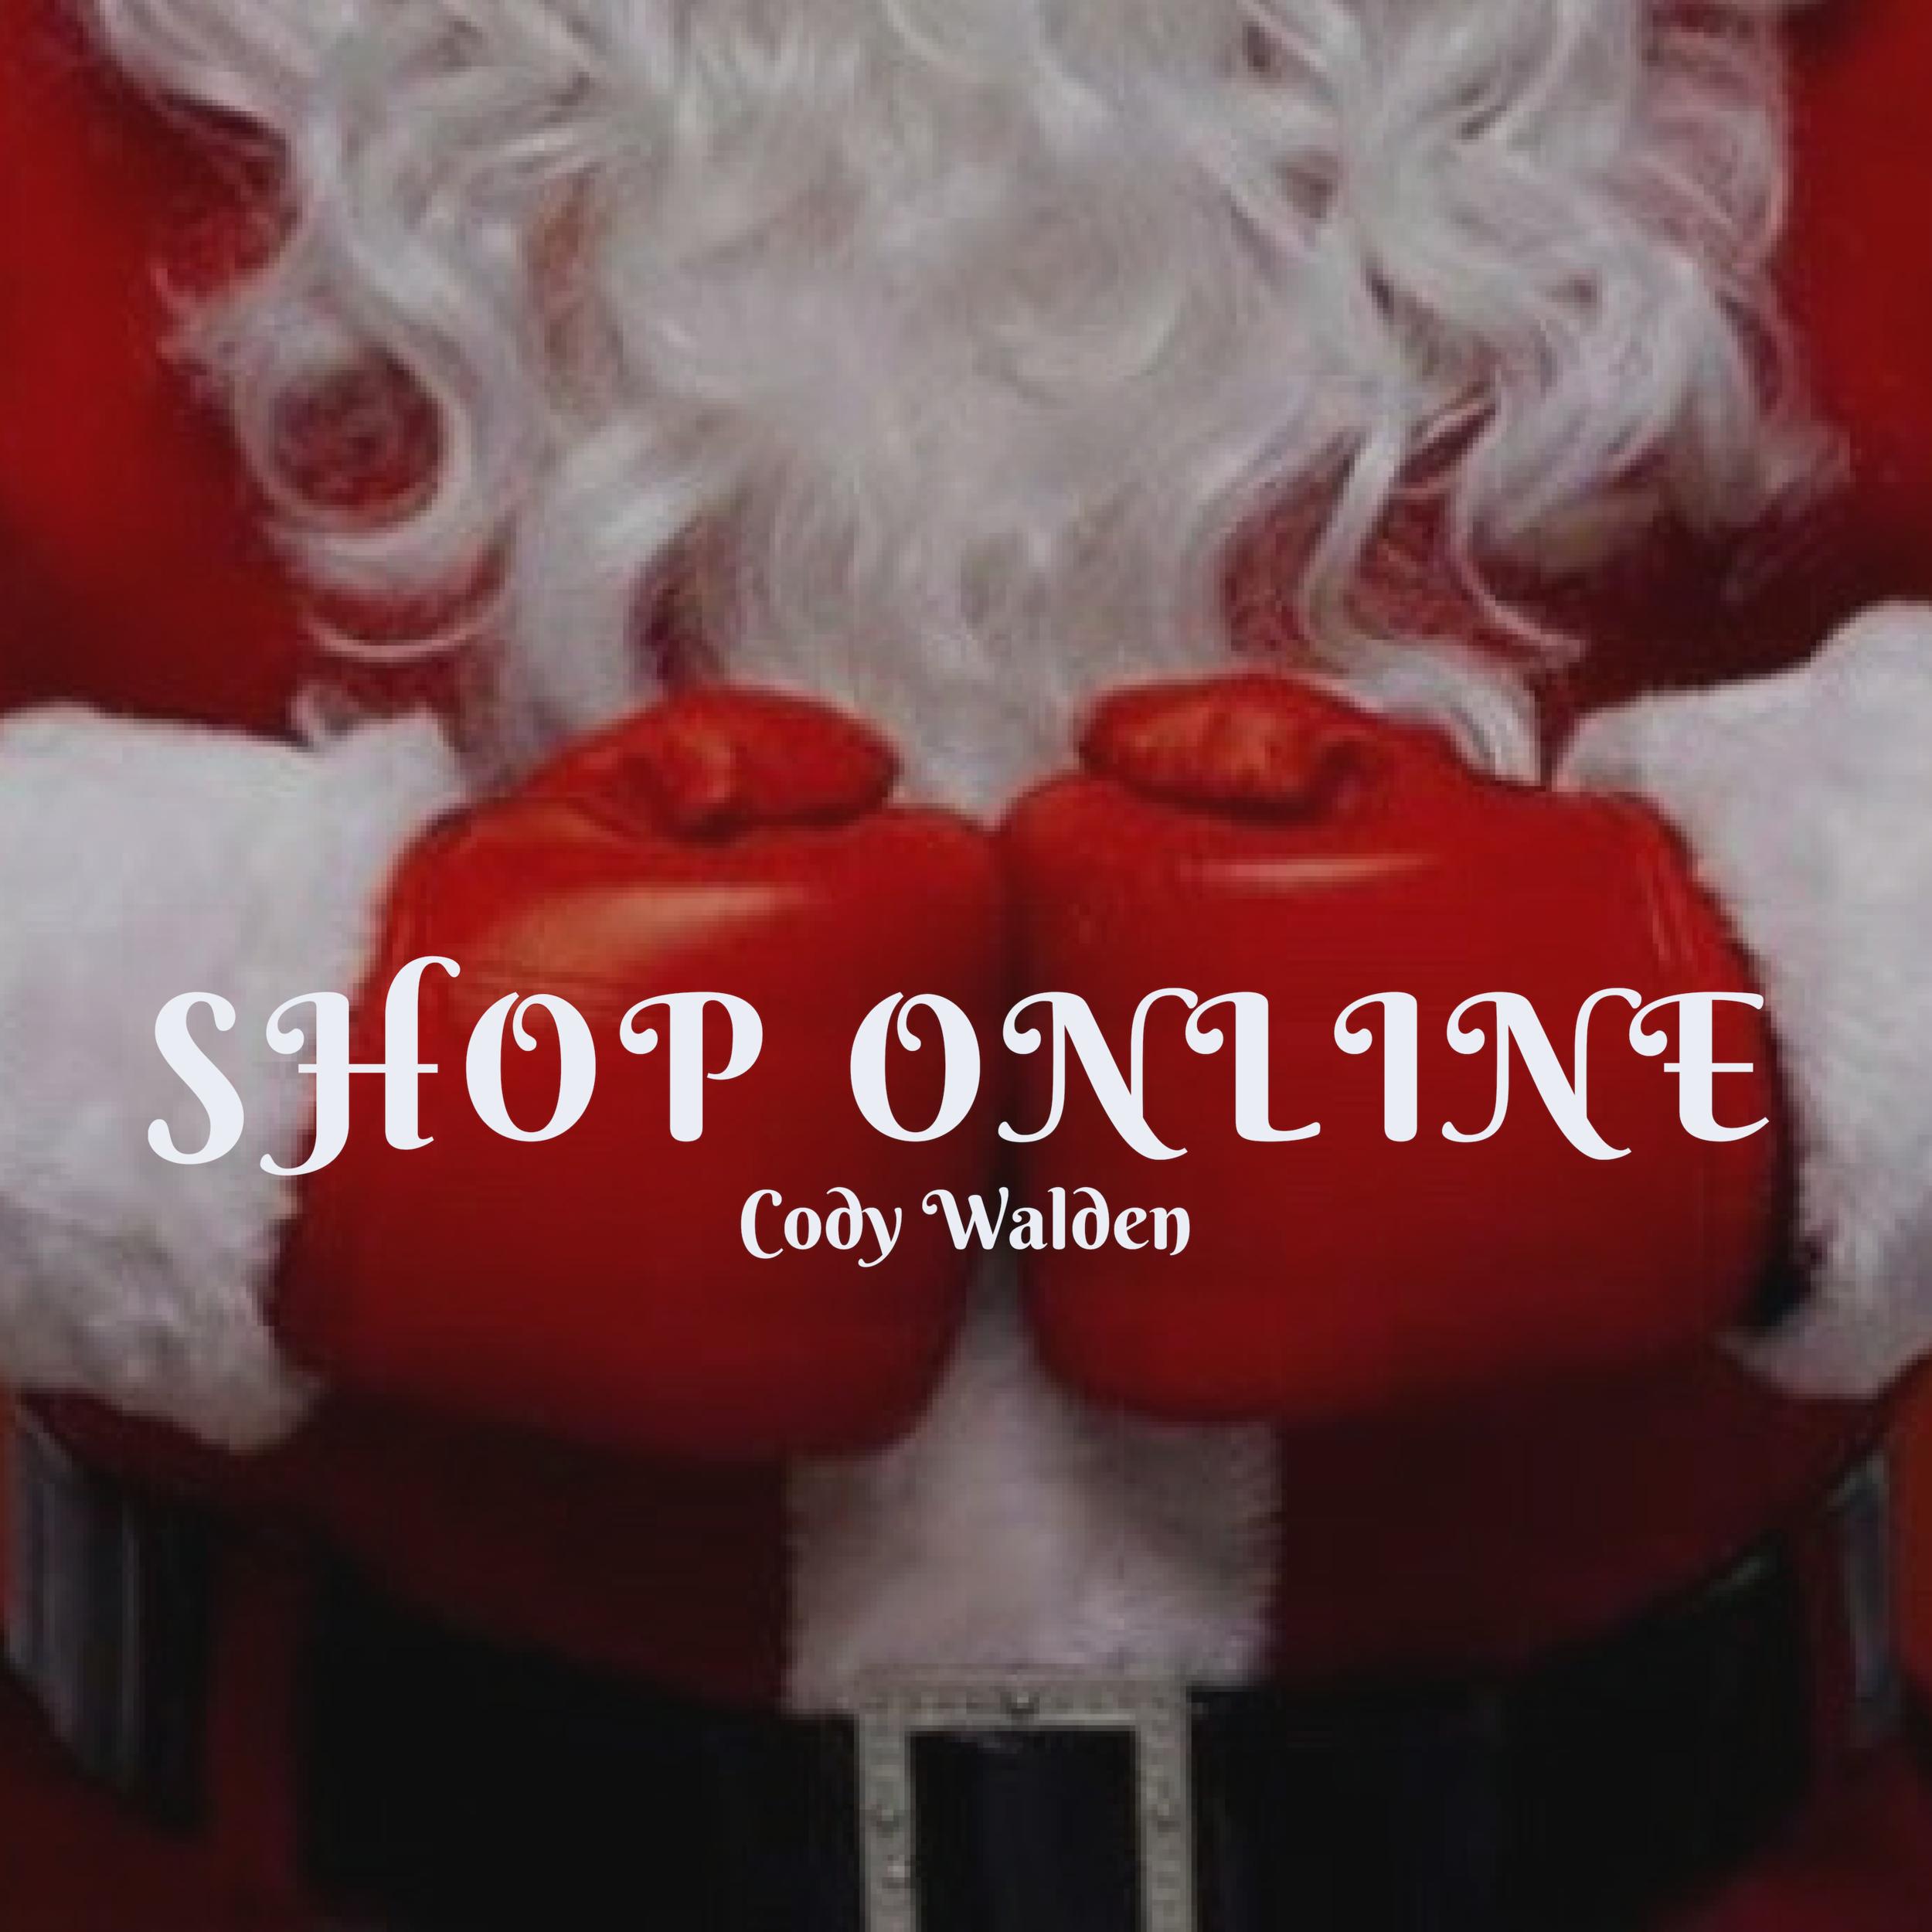 Cody Walden - Shop Online